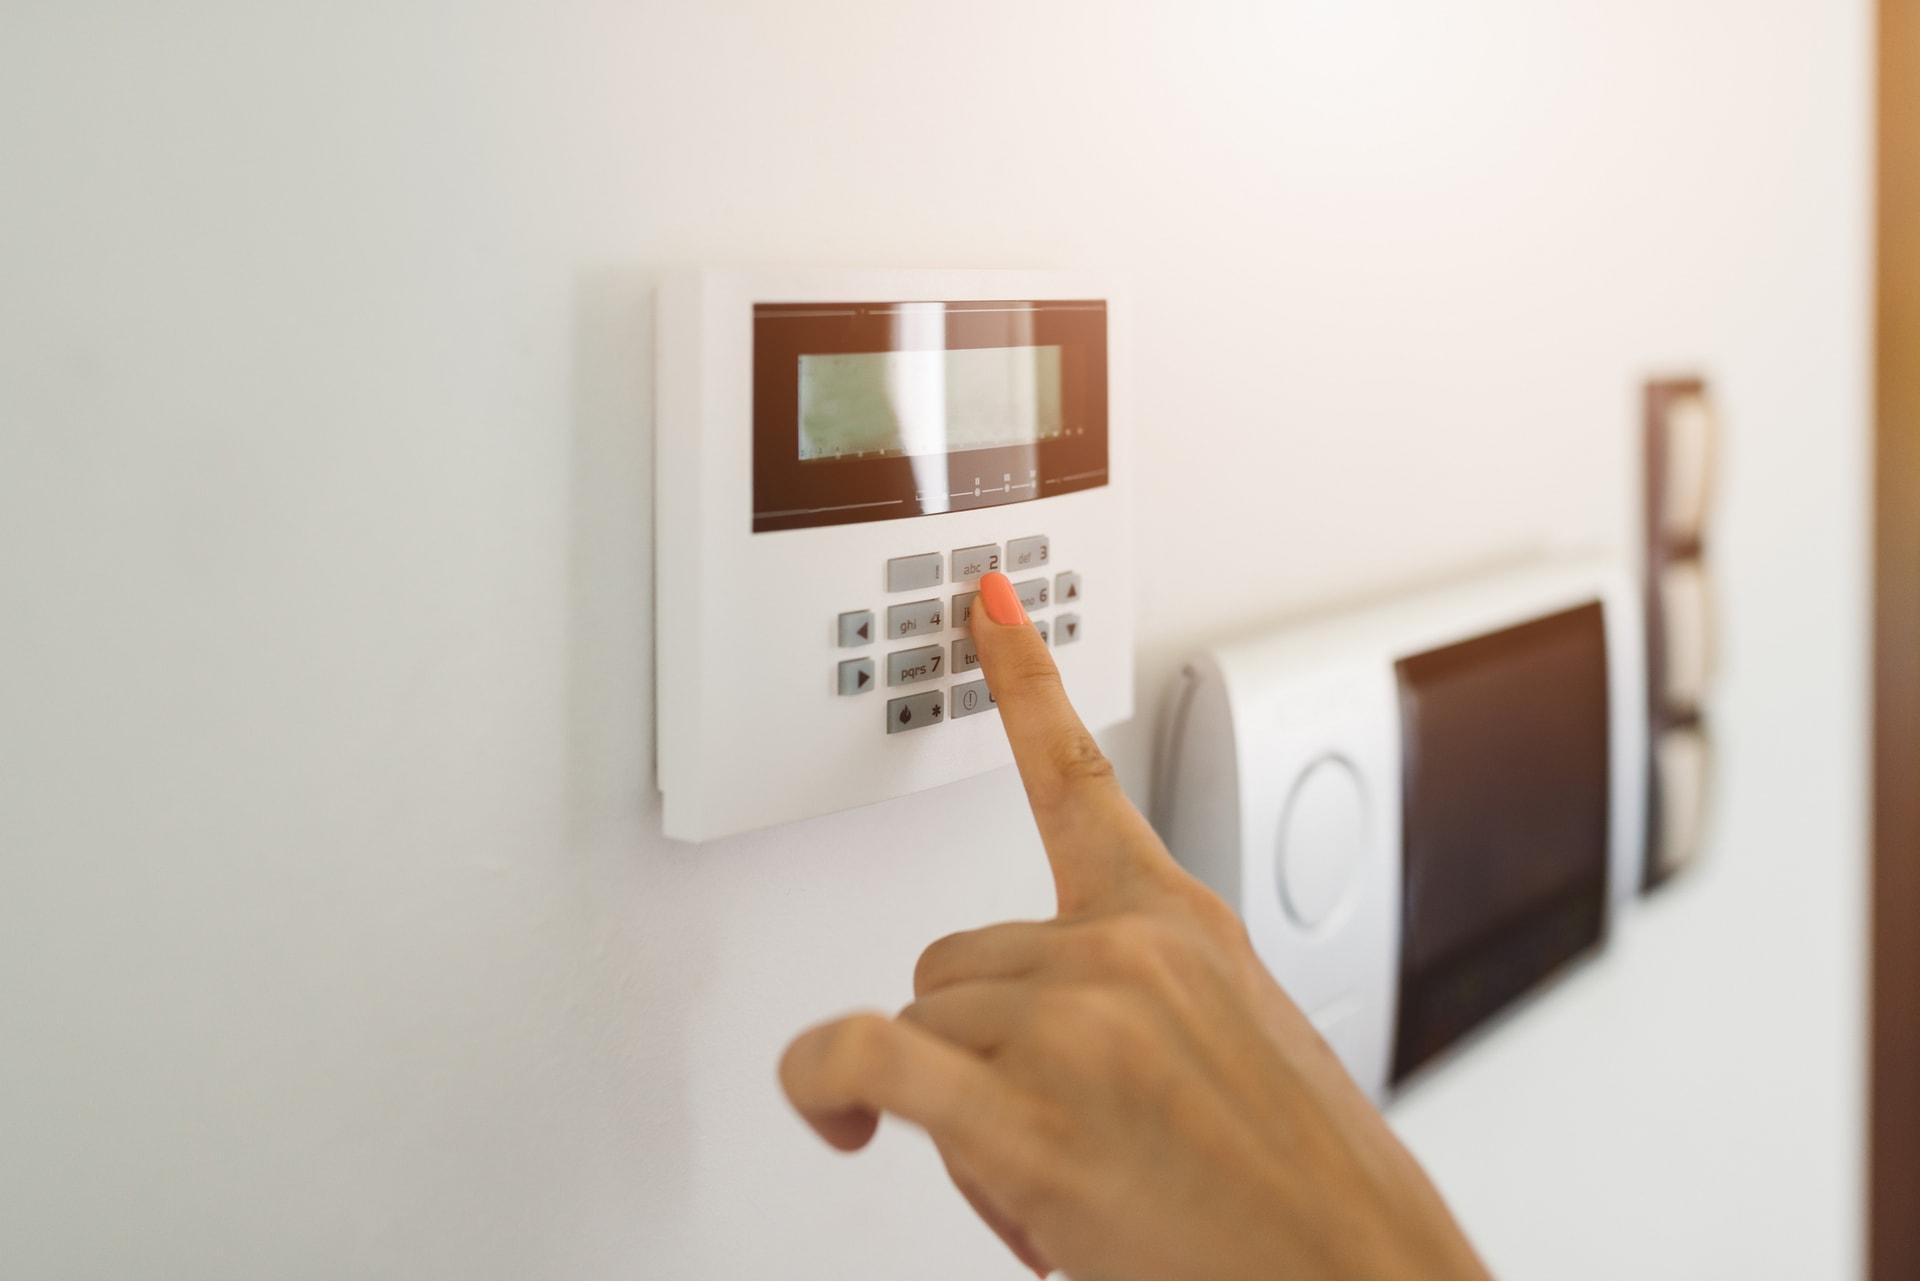 Jonge vrouw tikt code in het alarmsysteem in haar woning van GW Security Group